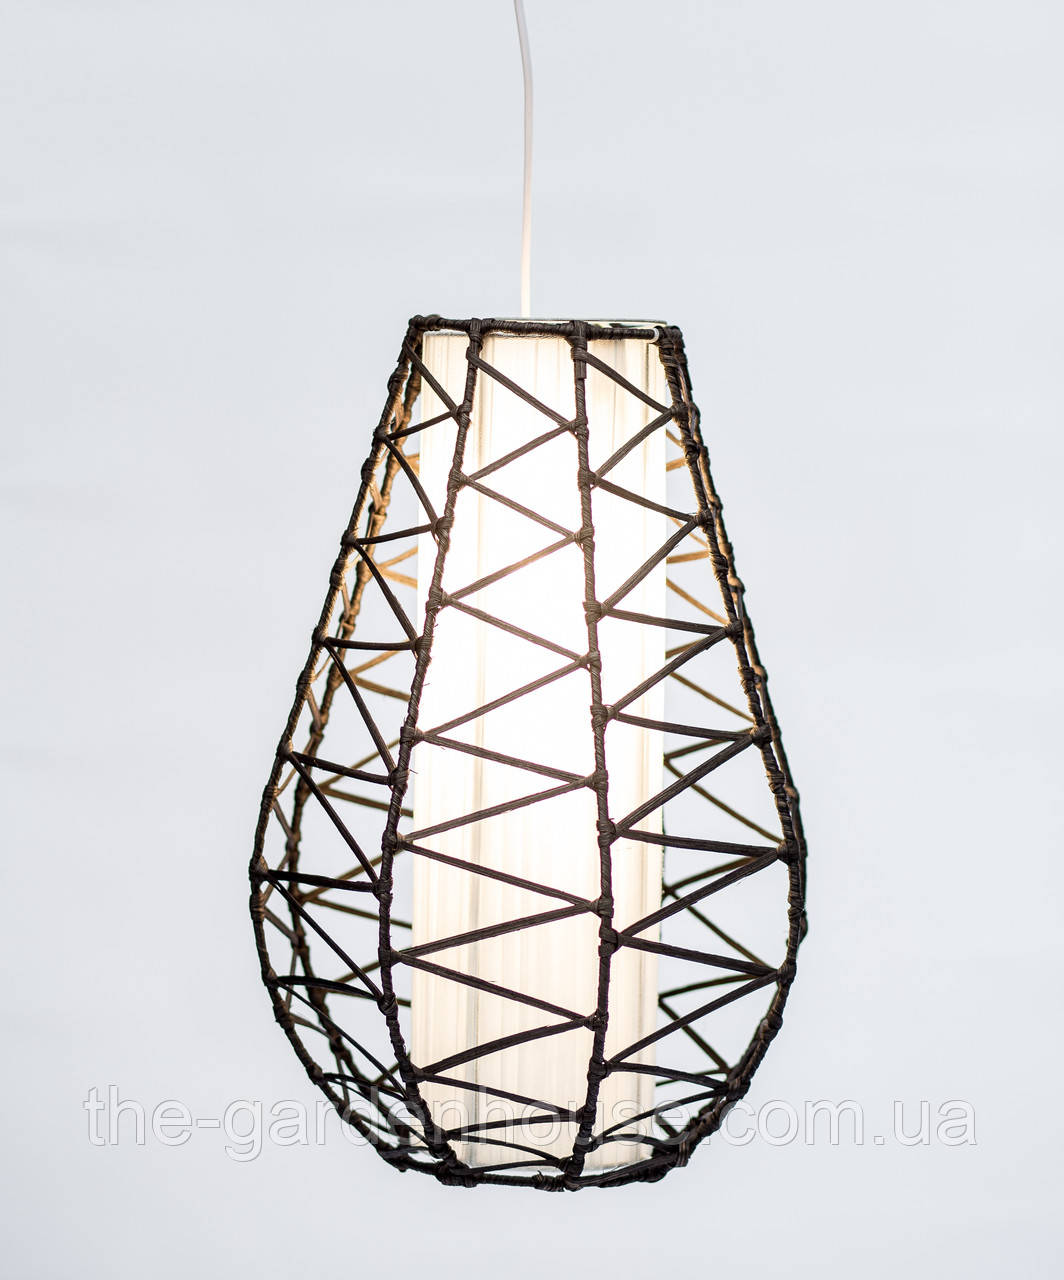 """Светильник """"Капля"""" плетеный с цилиндром, 40 см"""